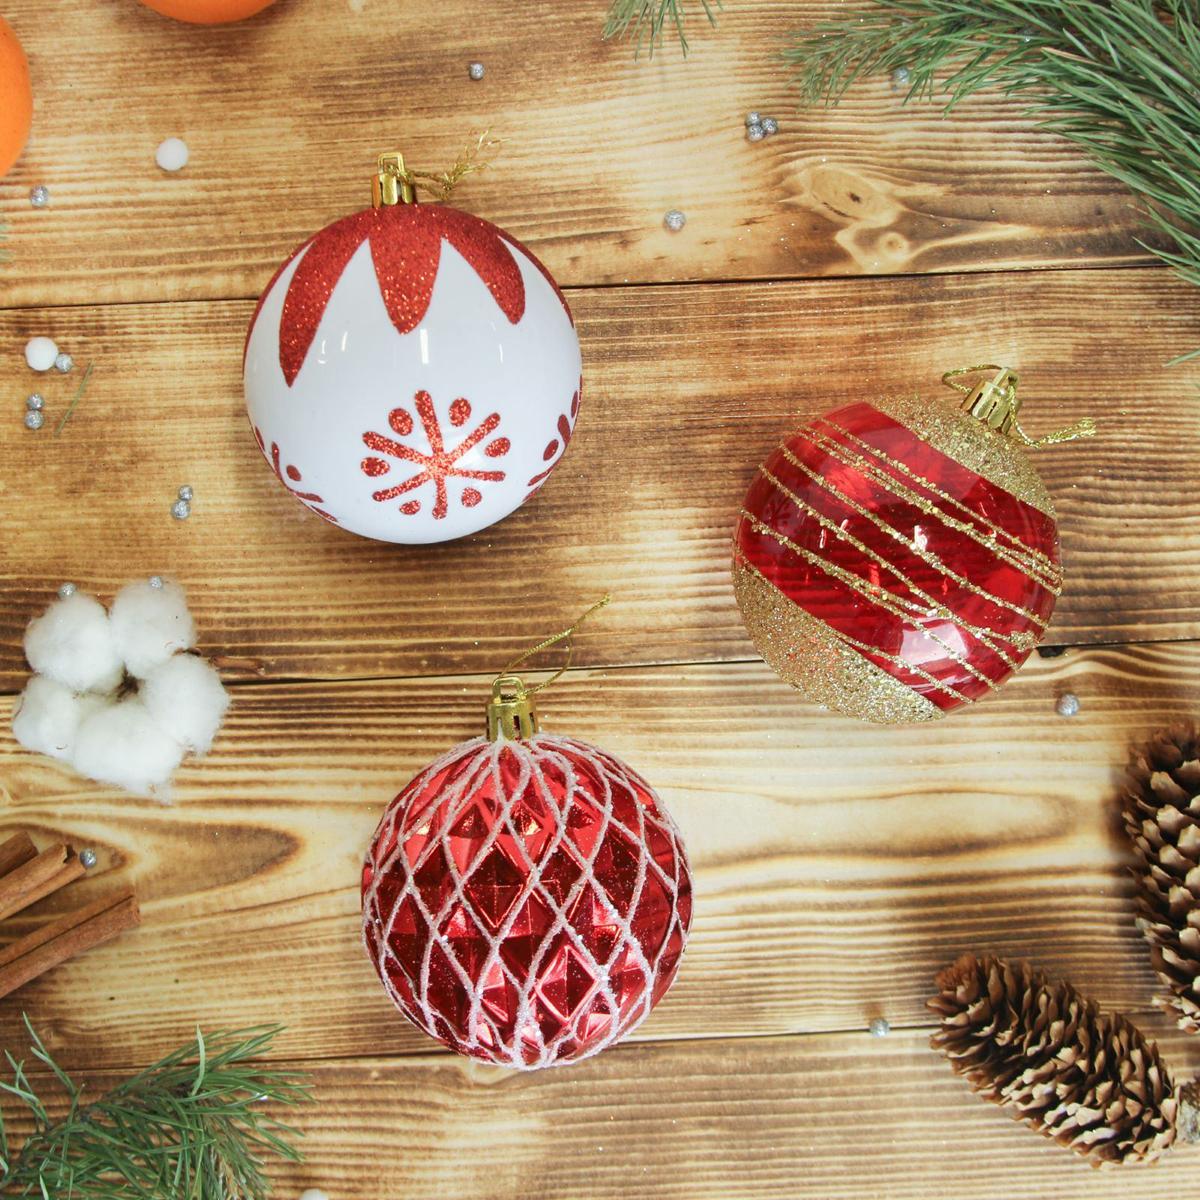 Набор новогодних подвесных украшений Sima-land Устинья, диаметр 7,5 см, 6 шт2372193Набор новогодних подвесных украшений Sima-land отлично подойдет для декорации вашего дома и новогодней ели. С помощью специальной петельки украшение можно повесить в любом понравившемся вам месте. Но, конечно, удачнее всего оно будет смотреться на праздничной елке. Елочная игрушка - символ Нового года. Она несет в себе волшебство и красоту праздника. Создайте в своем доме атмосферу веселья и радости, украшая новогоднюю елку нарядными игрушками, которые будут из года в год накапливать теплоту воспоминаний.